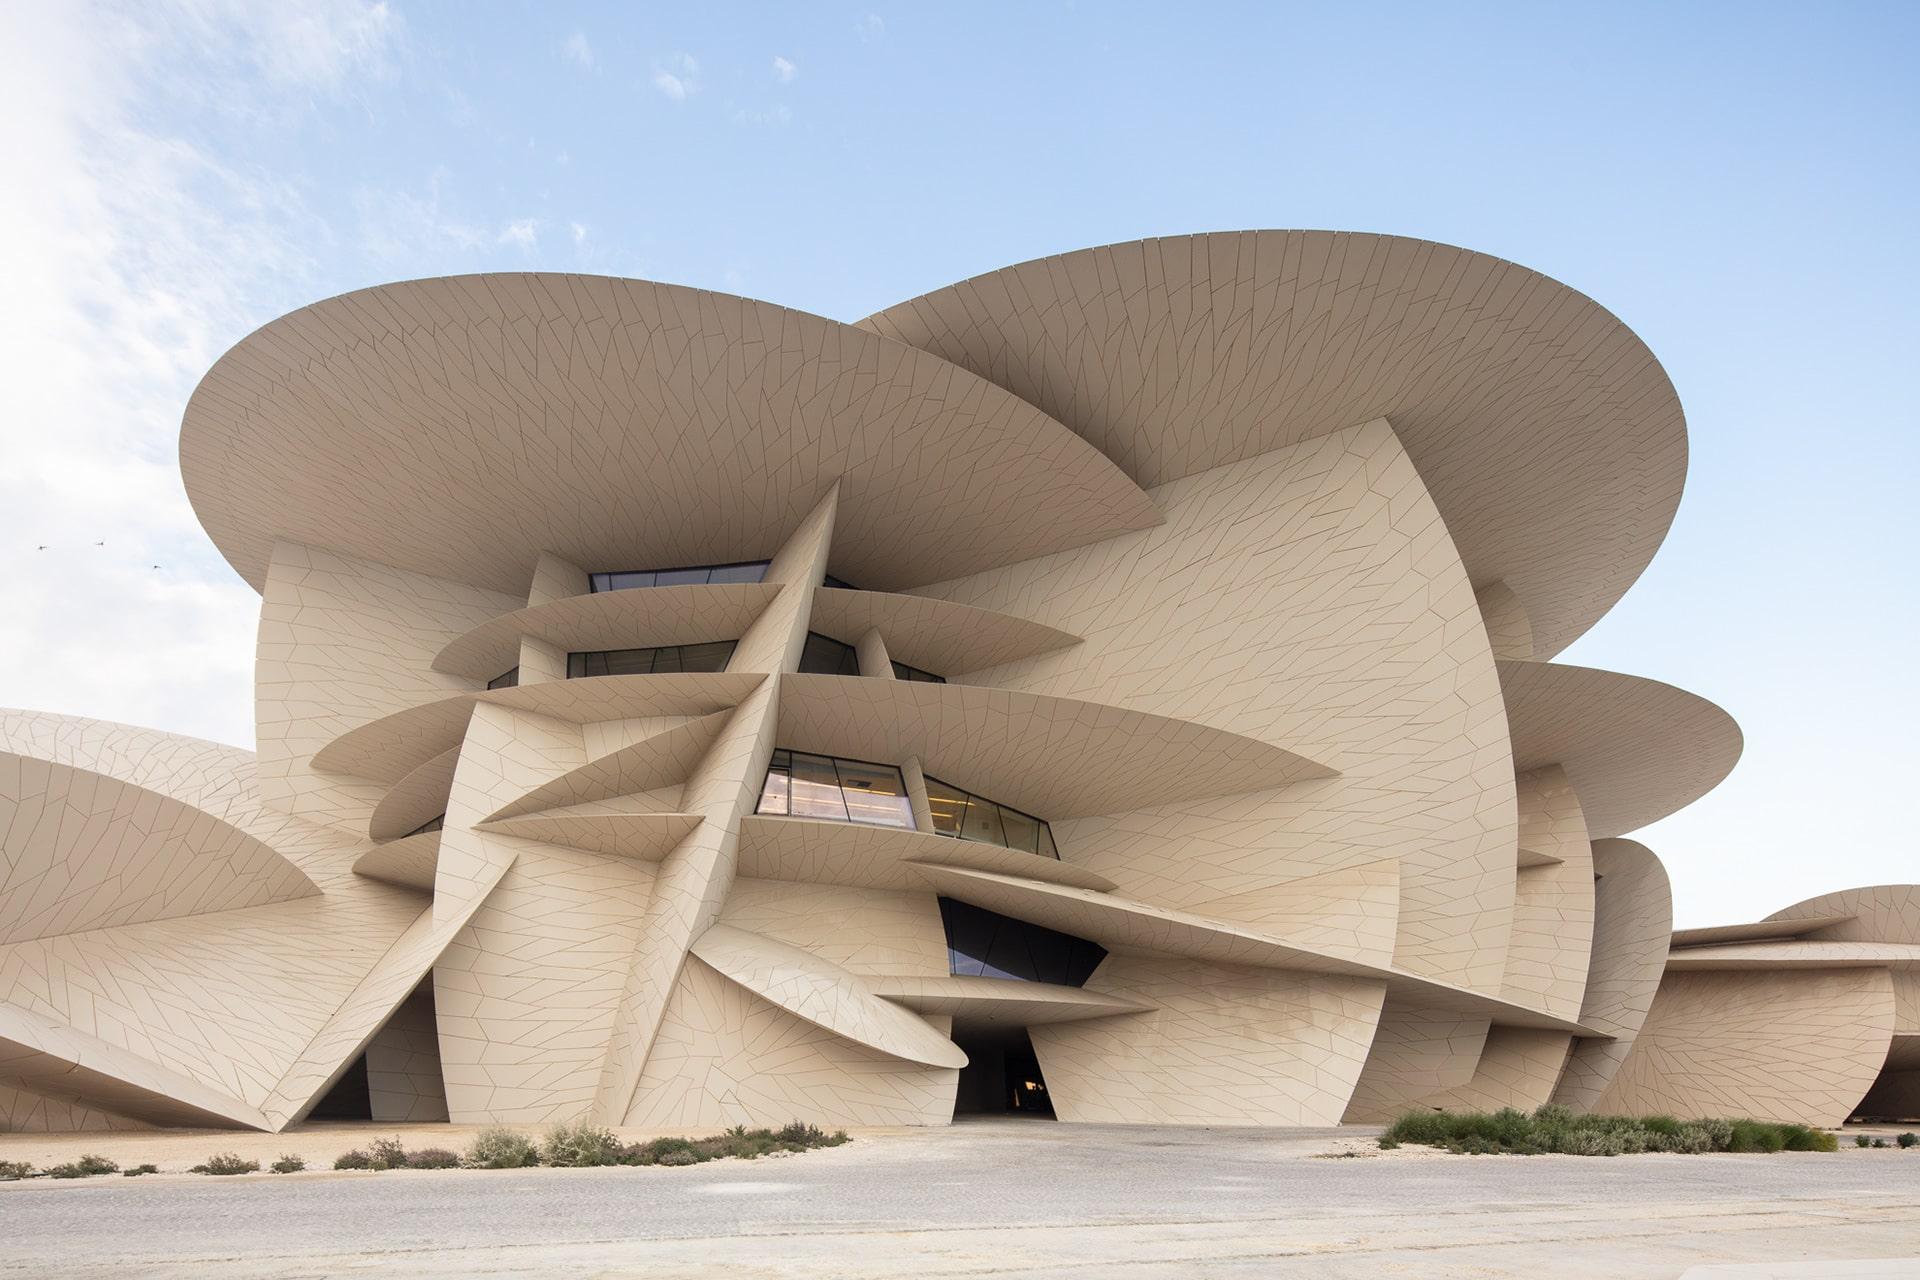 زیباترین ساختمان دوحه قطر